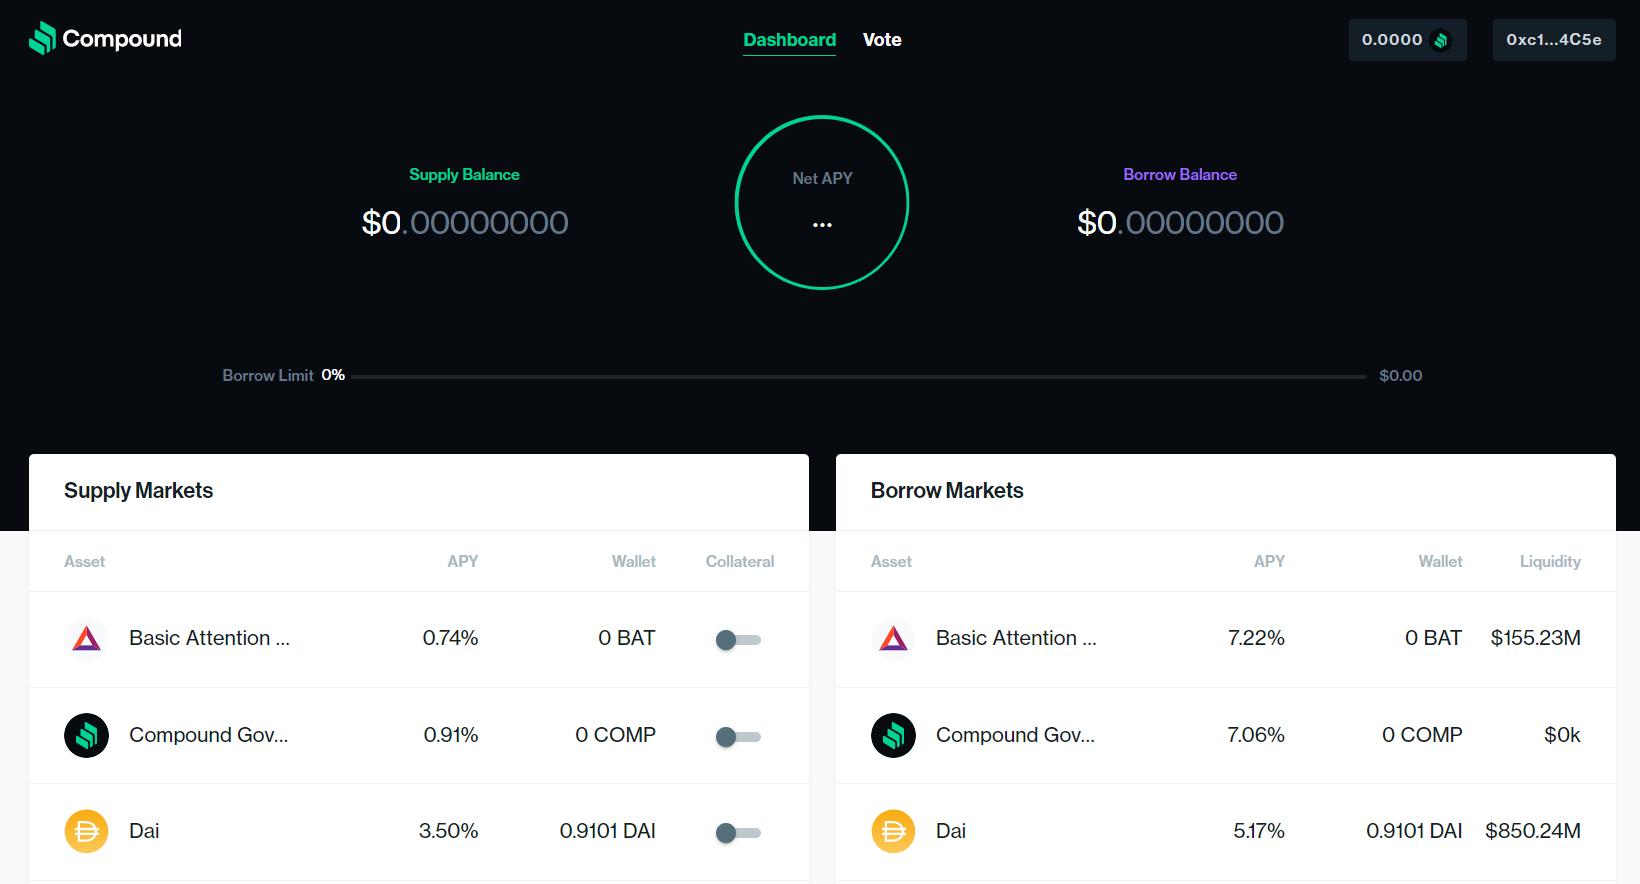 Compound finance dashboard